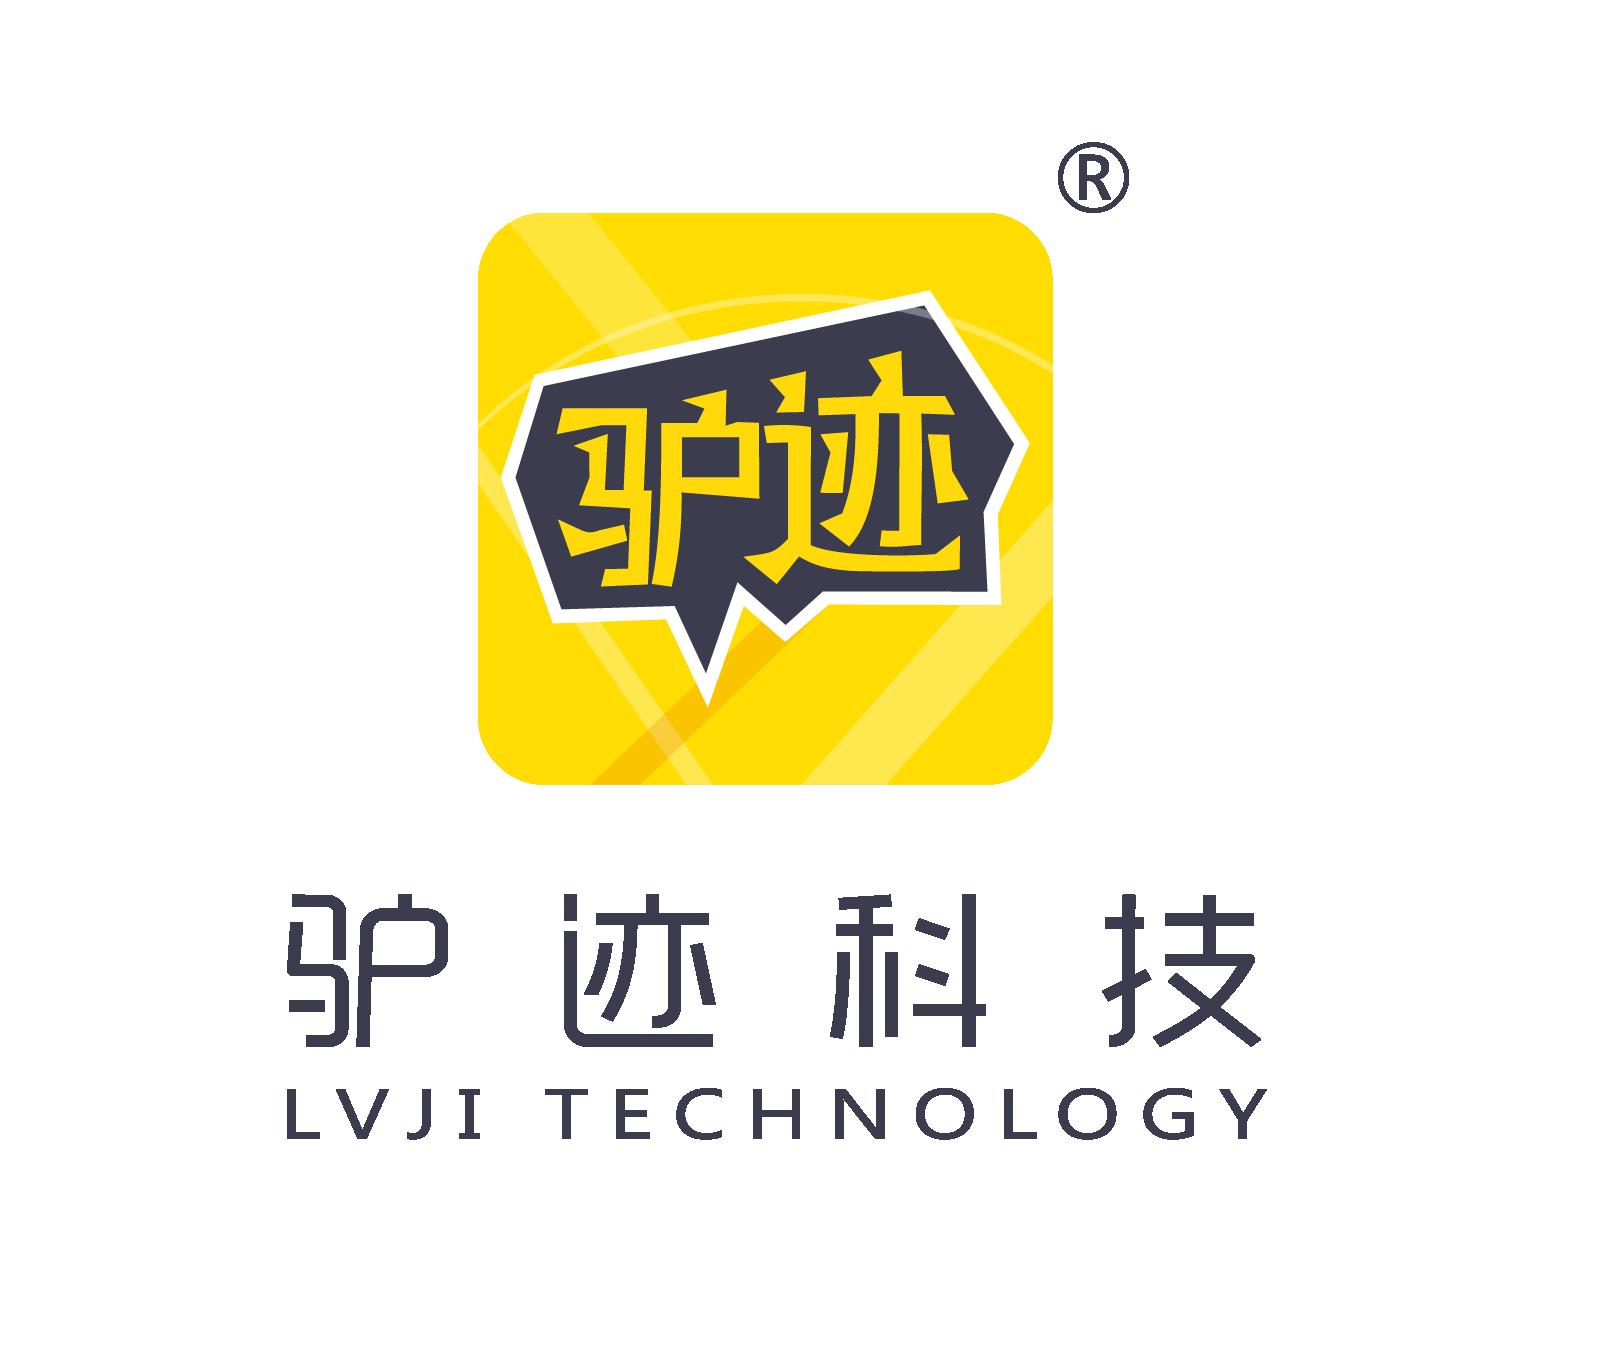 廣州市驢跡科技有限責任公司